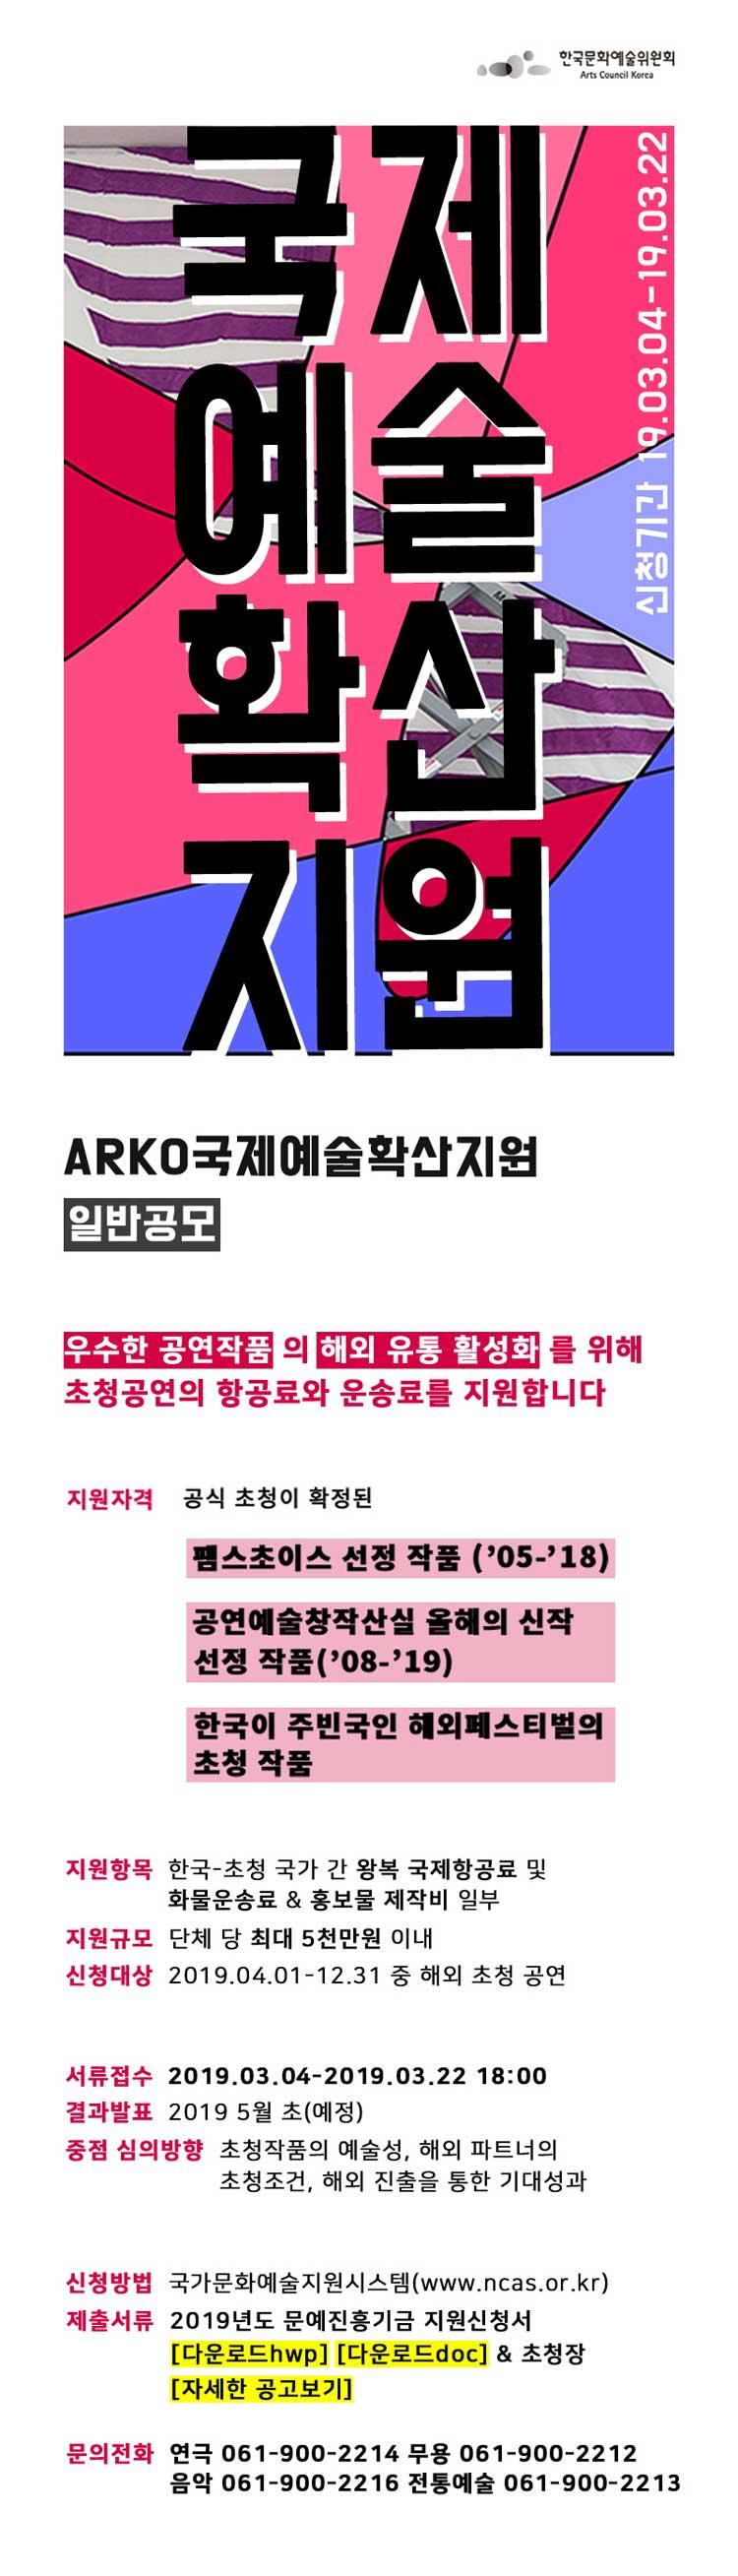 ARKO국제예술확산지원(일반공모) 신청기간 19.03.04-19.03.22 우수한 공연작품의 해외 유통 활성화를 위해 초청공연의 항공료와 운송료를 지원합니다.